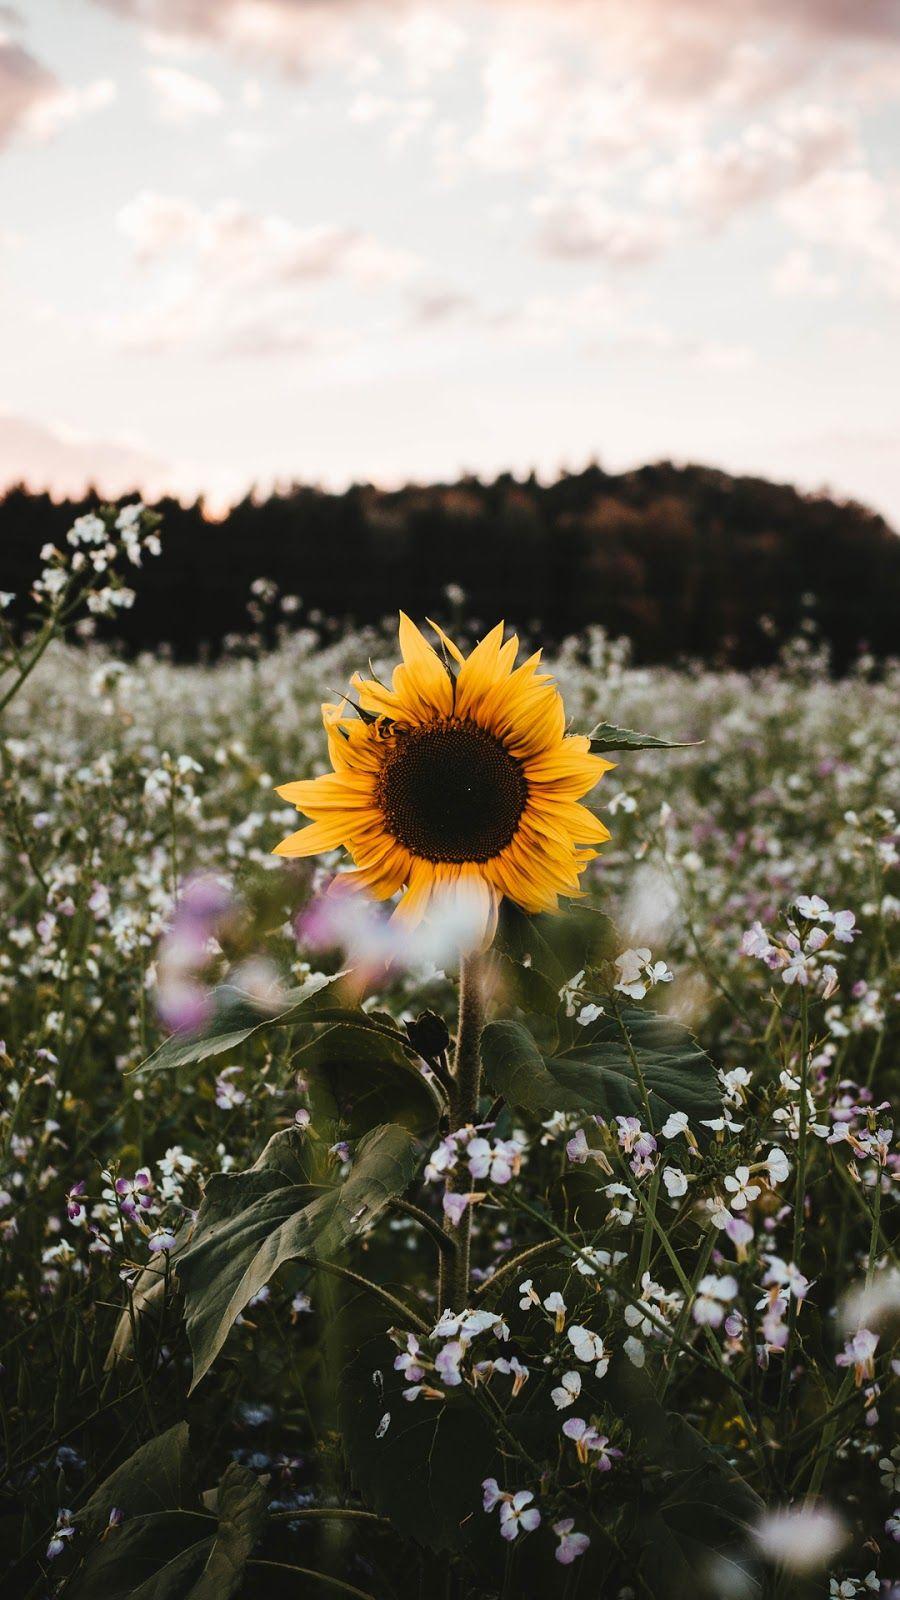 Sunflower | Sunflower iphone wallpaper, Sunflower ...